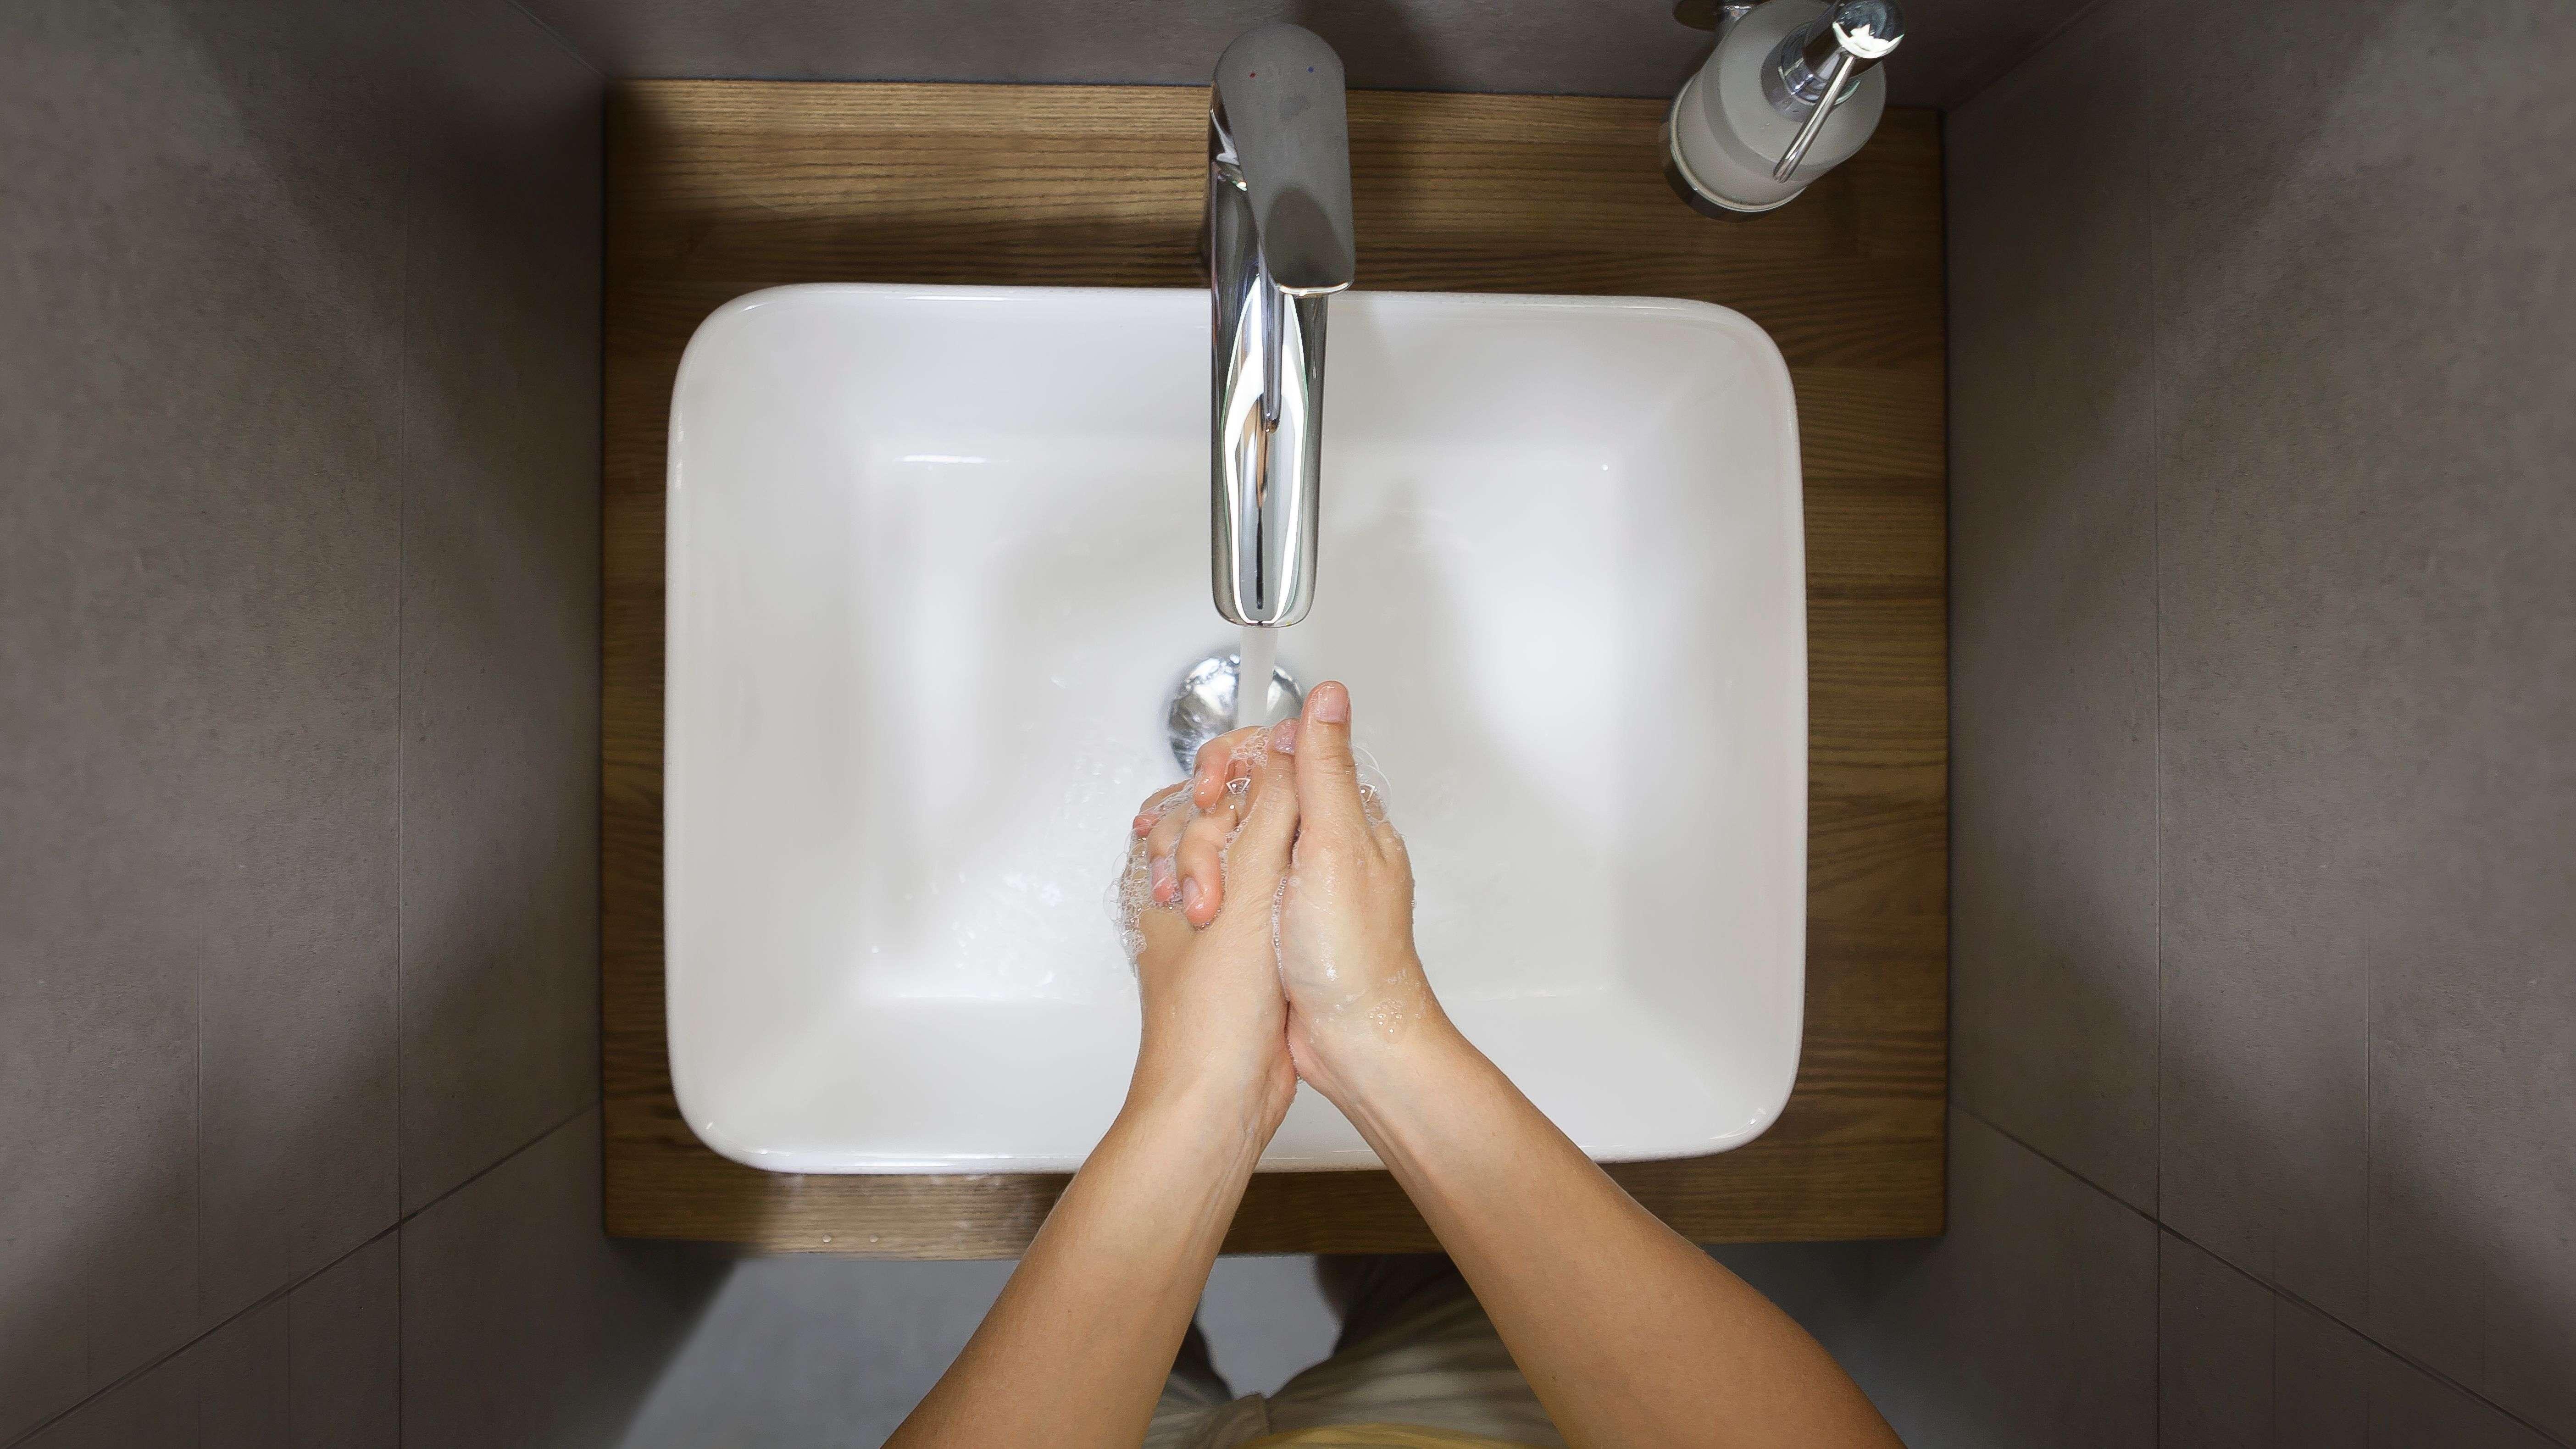 Cómo elegir el lavabo adecuado para tu cuarto de baño